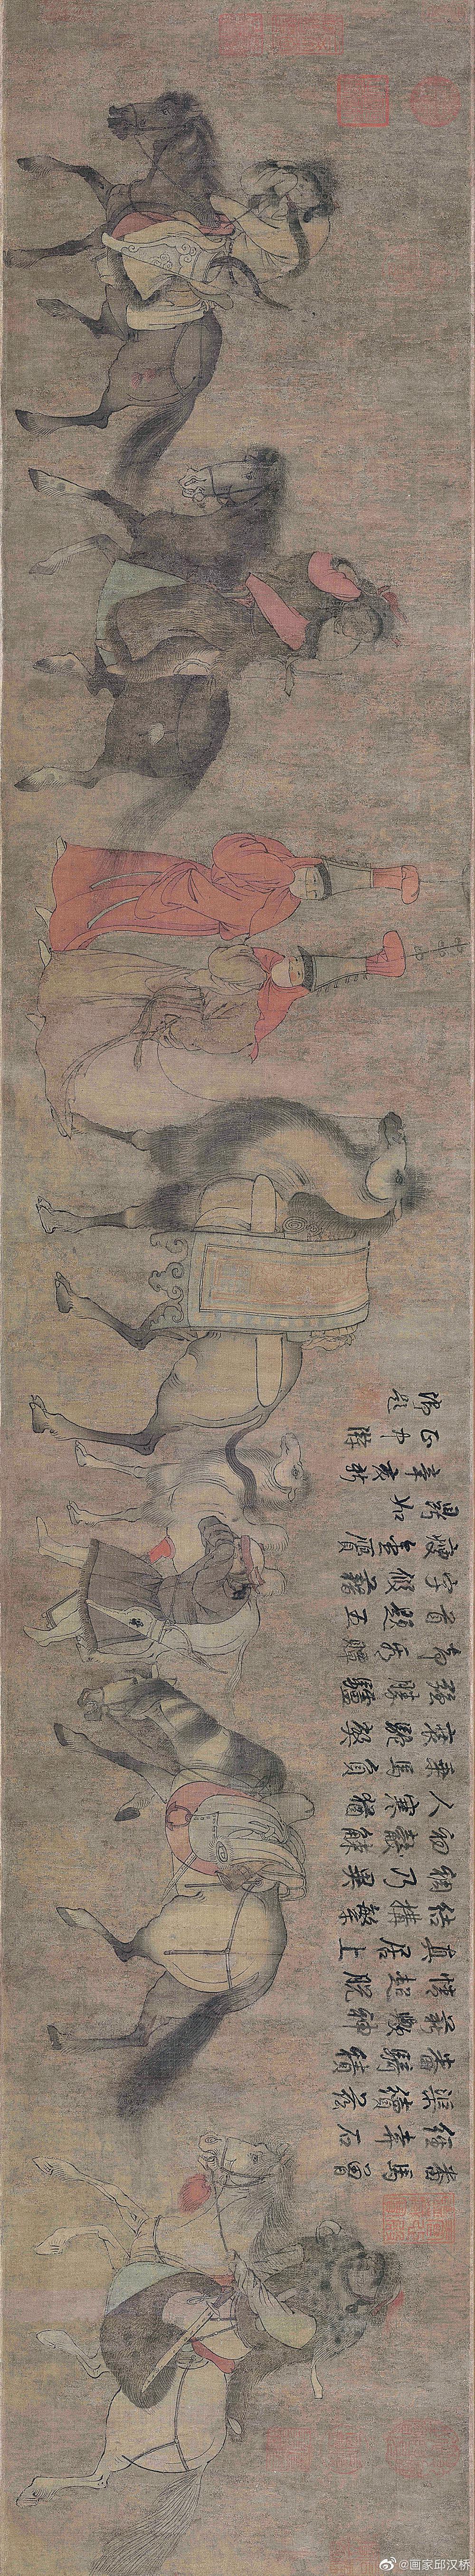 《番骑图》,元代,胡环(传),绢本设色,纵26.2厘米……